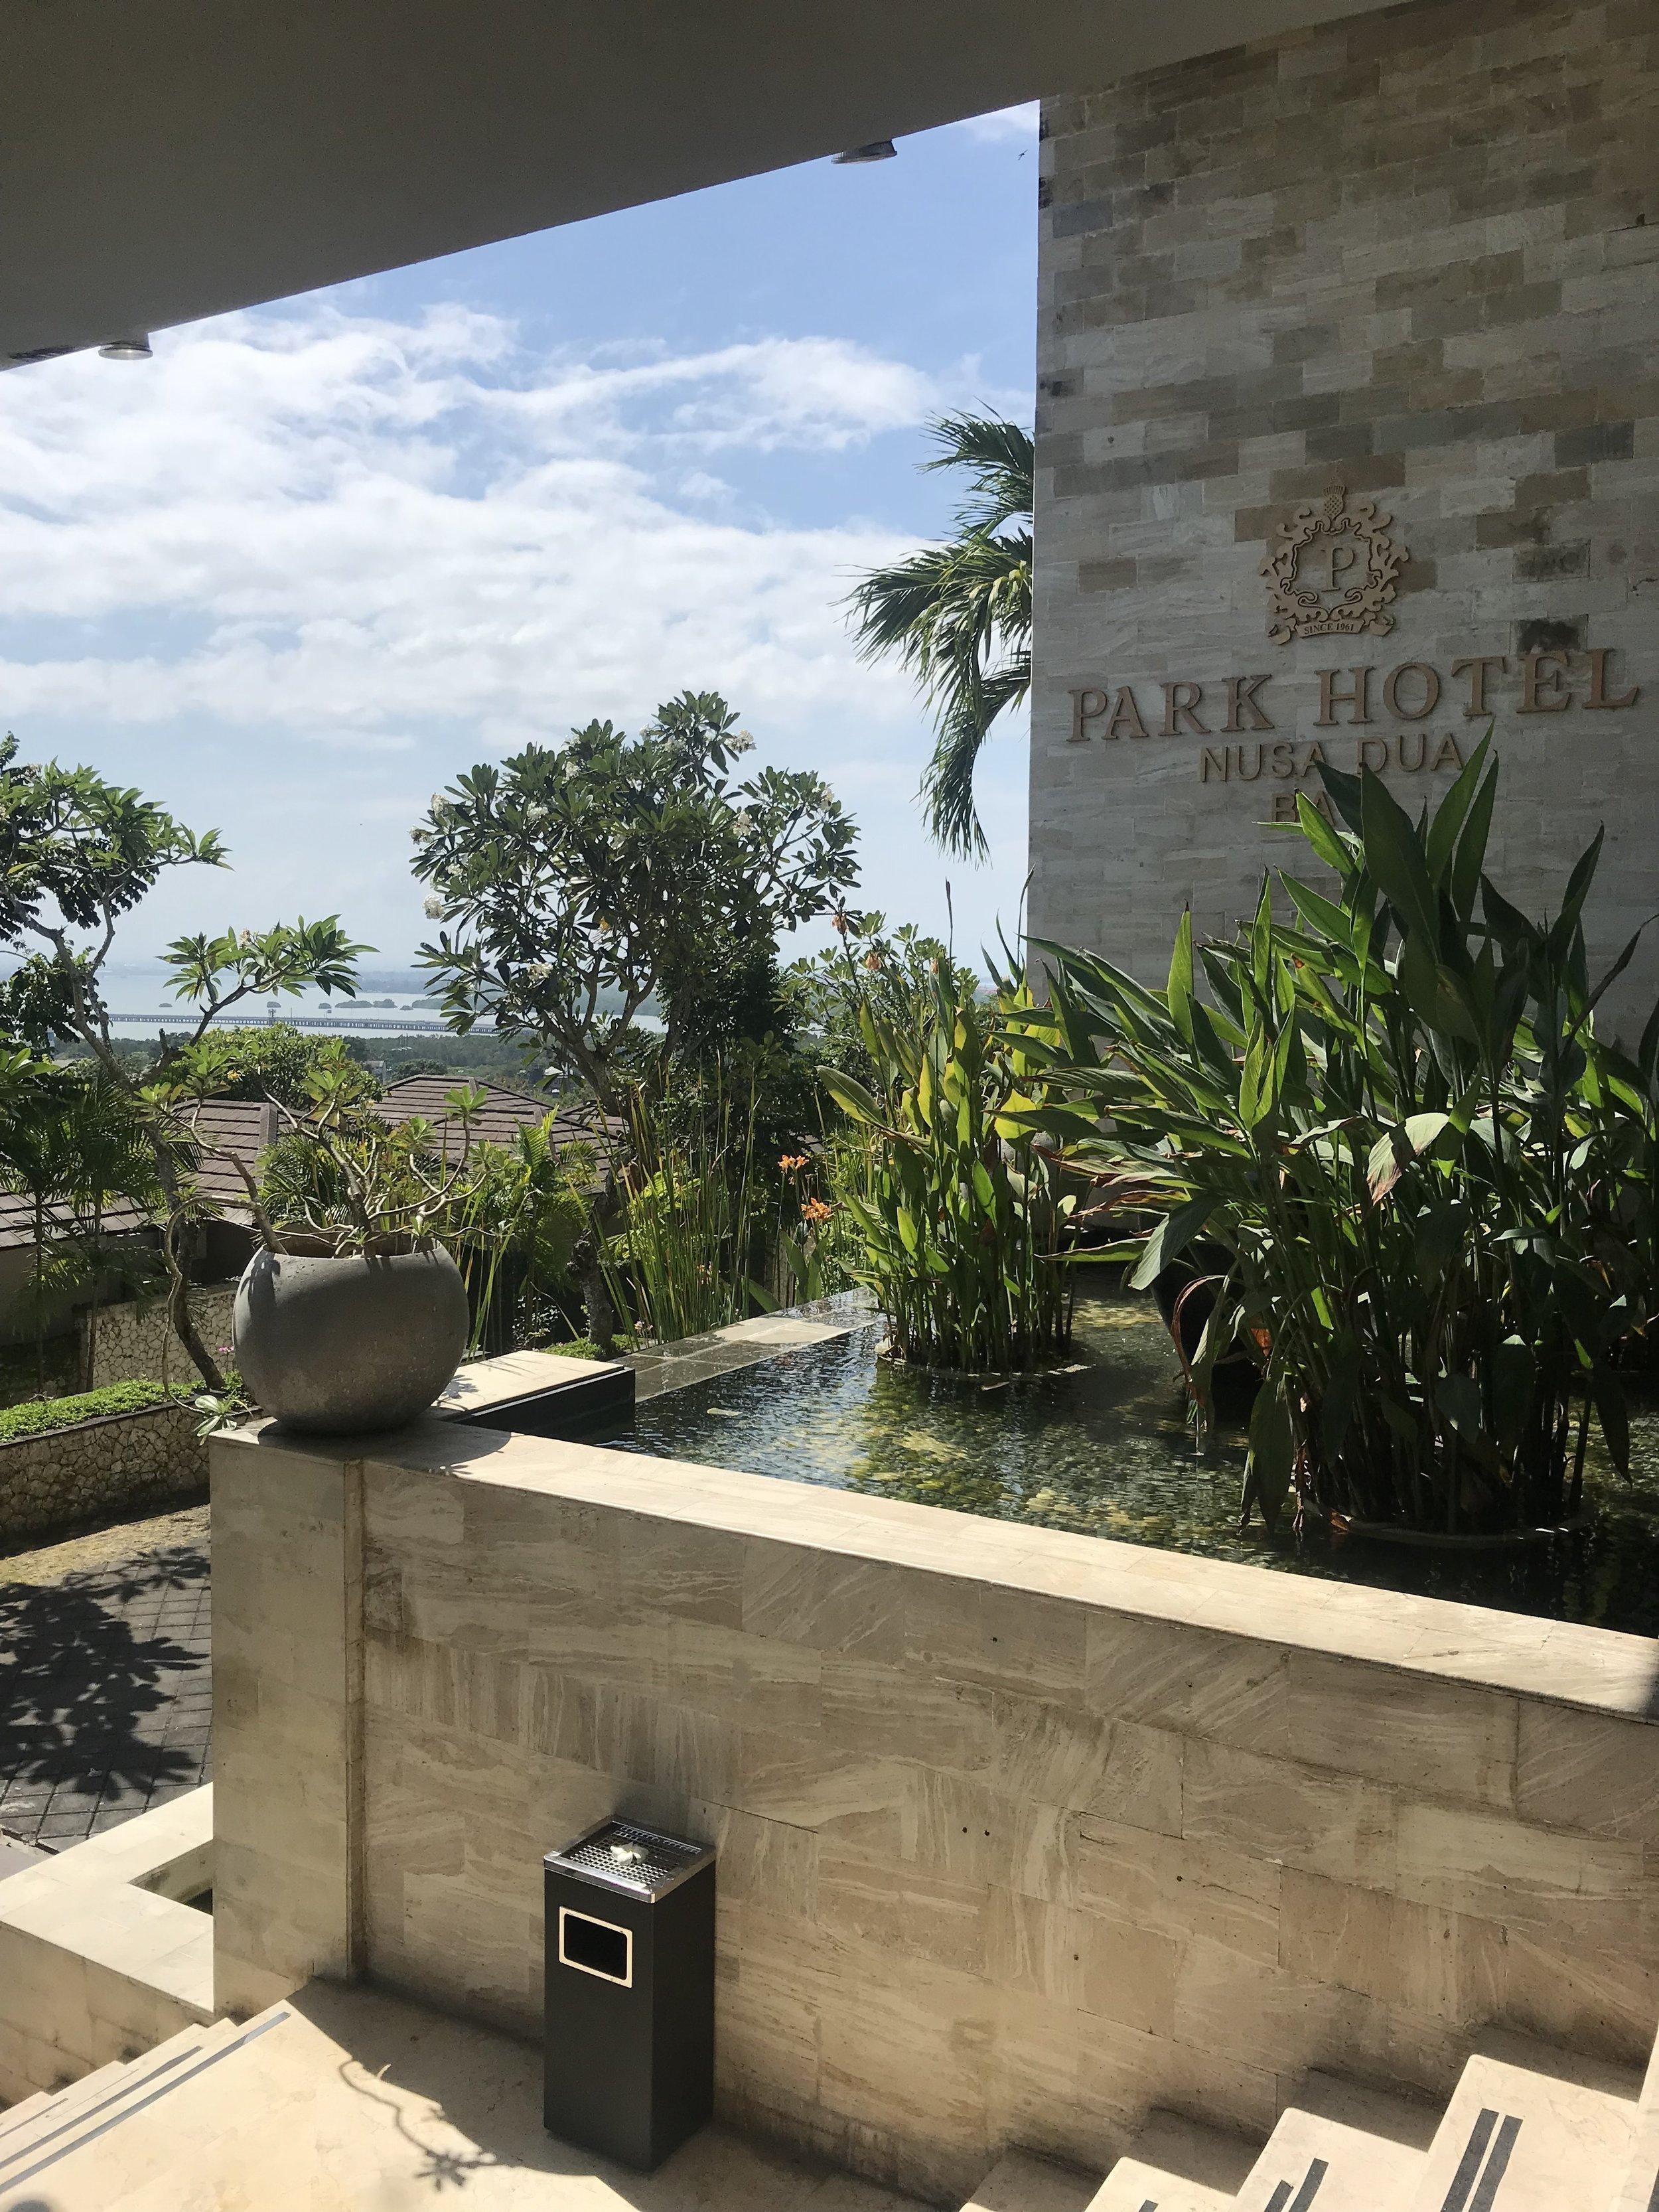 Our hotel in Nusa Dua